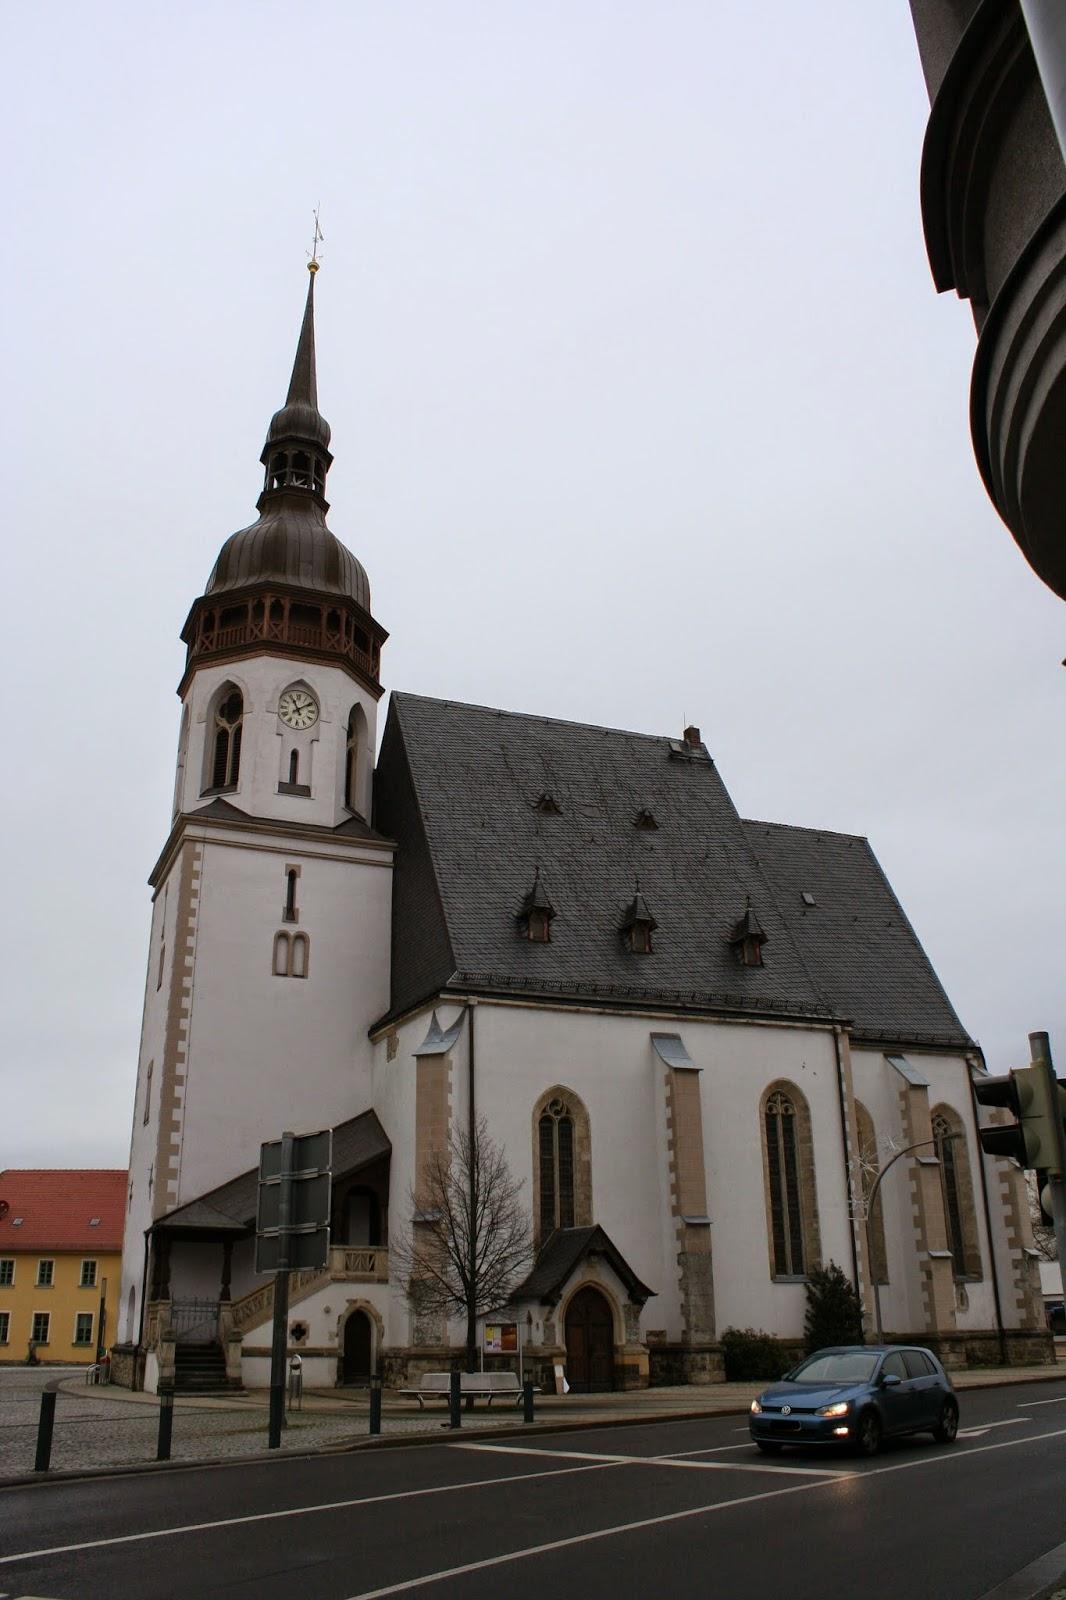 1871 wurde die St. Laurentiuskirche komplett restauriert - zwischen 1998 und 2008 einschließlich Orgel und Altartryptichon nochmals vollständig saniert - die Kirche wird durch die Evangelisch - Lutherische Kirchgemeinde Markranstädter Land betreut